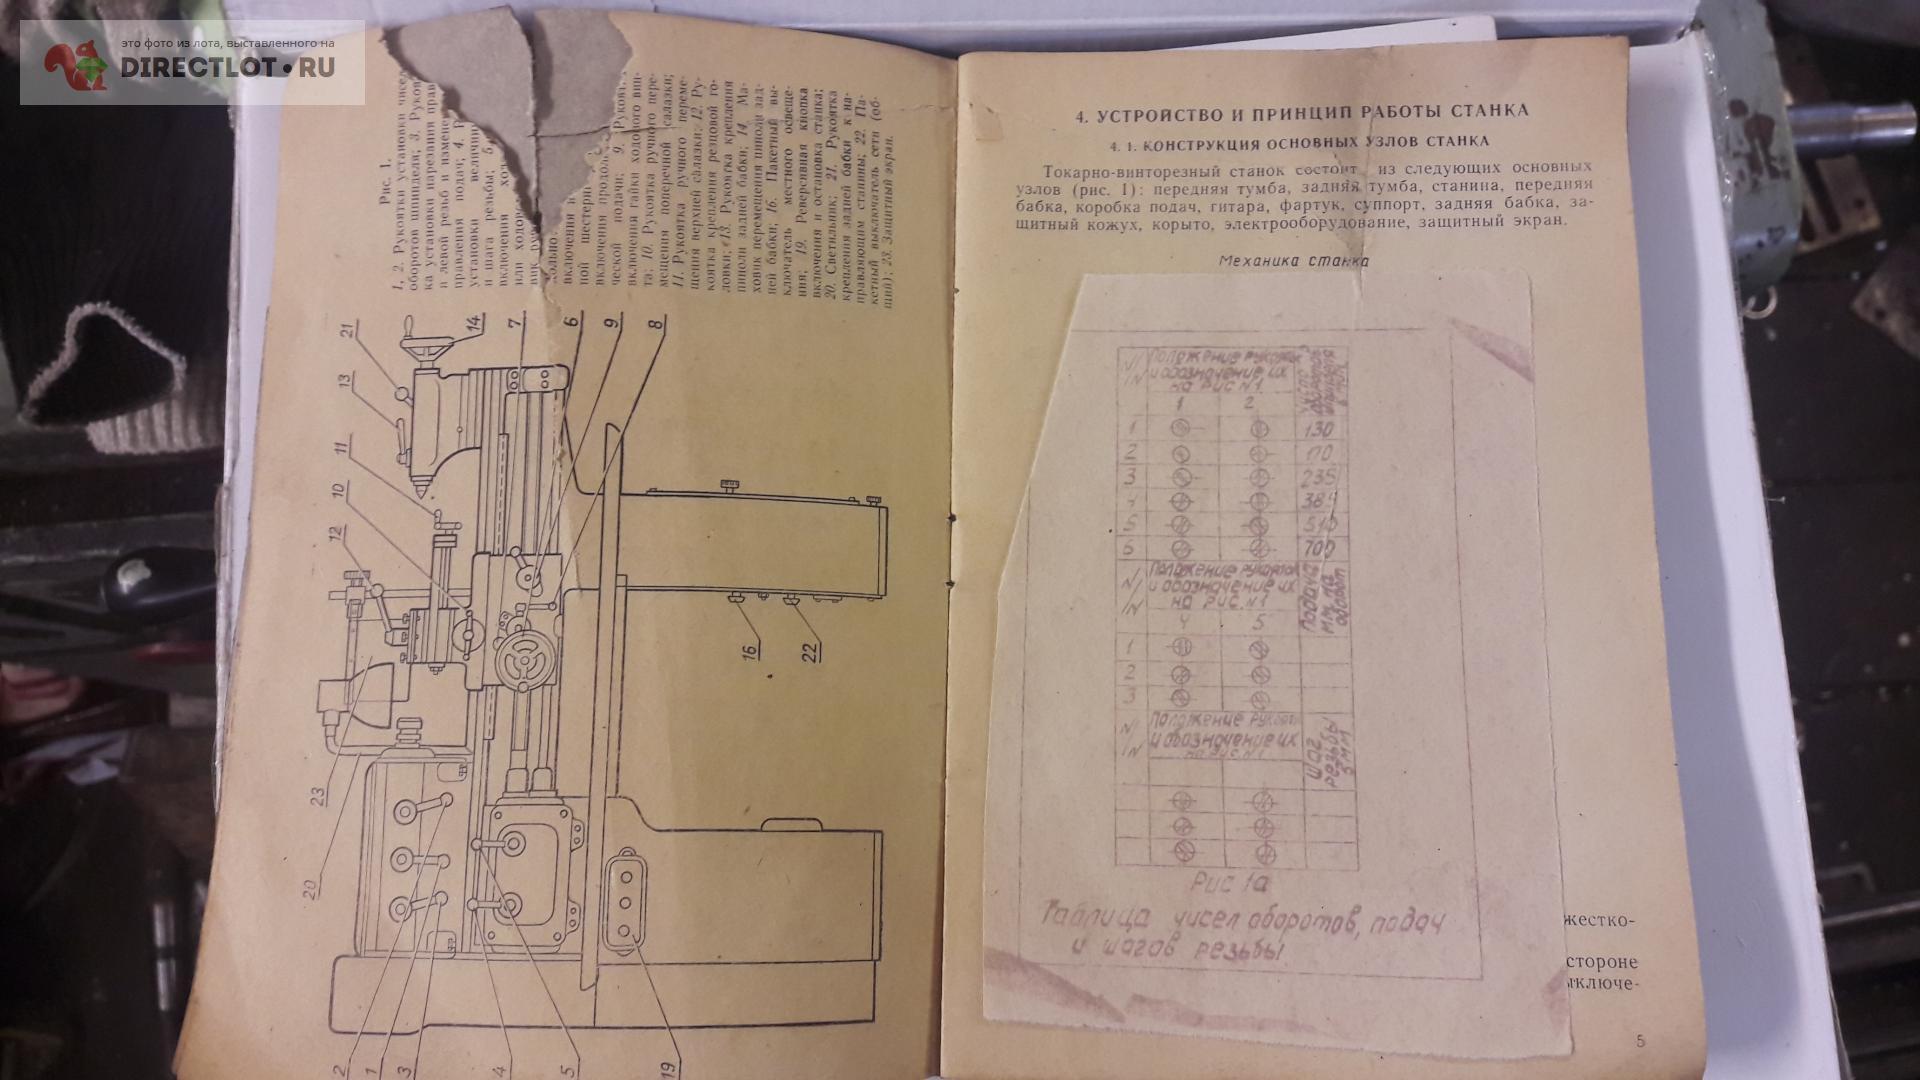 Тв-6м (тв6м) станок учебный токарно-винторезный схемы, описание, характеристики